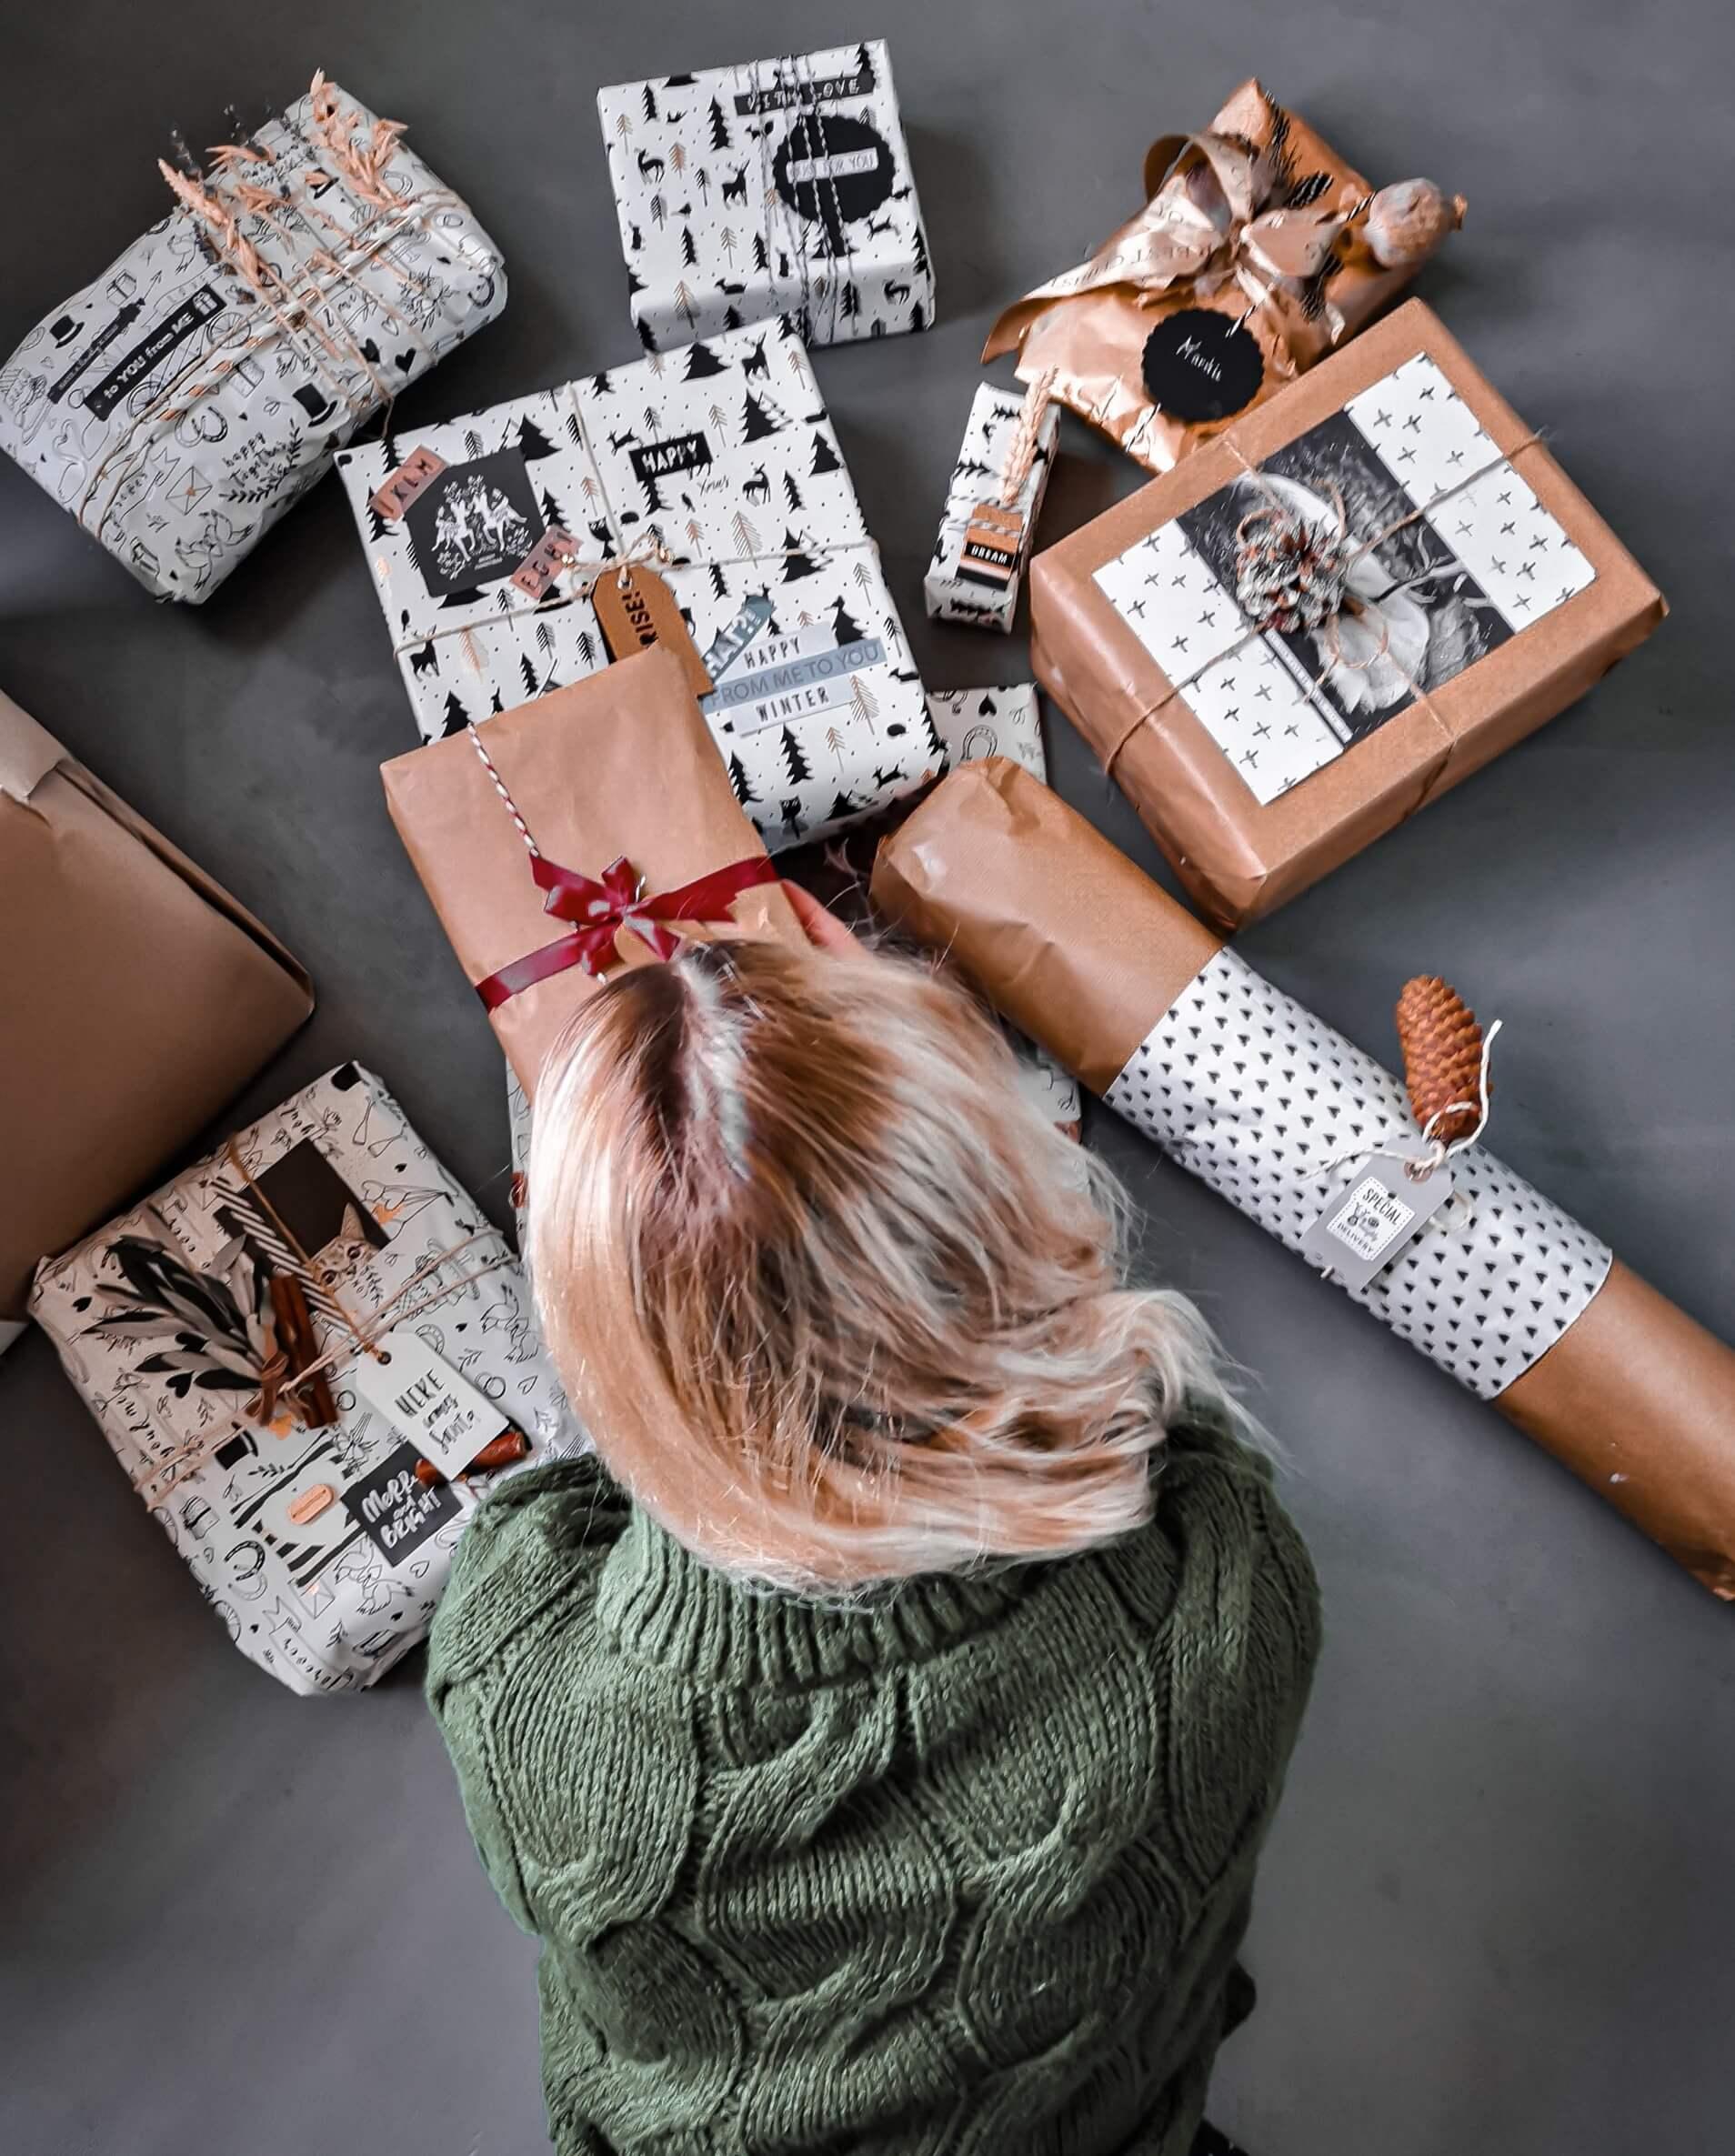 IMG 20191208 120145 resized 20191215 081615540 - 11 tipov ako zabaliť vianočné darčeky originálne a kreatívne